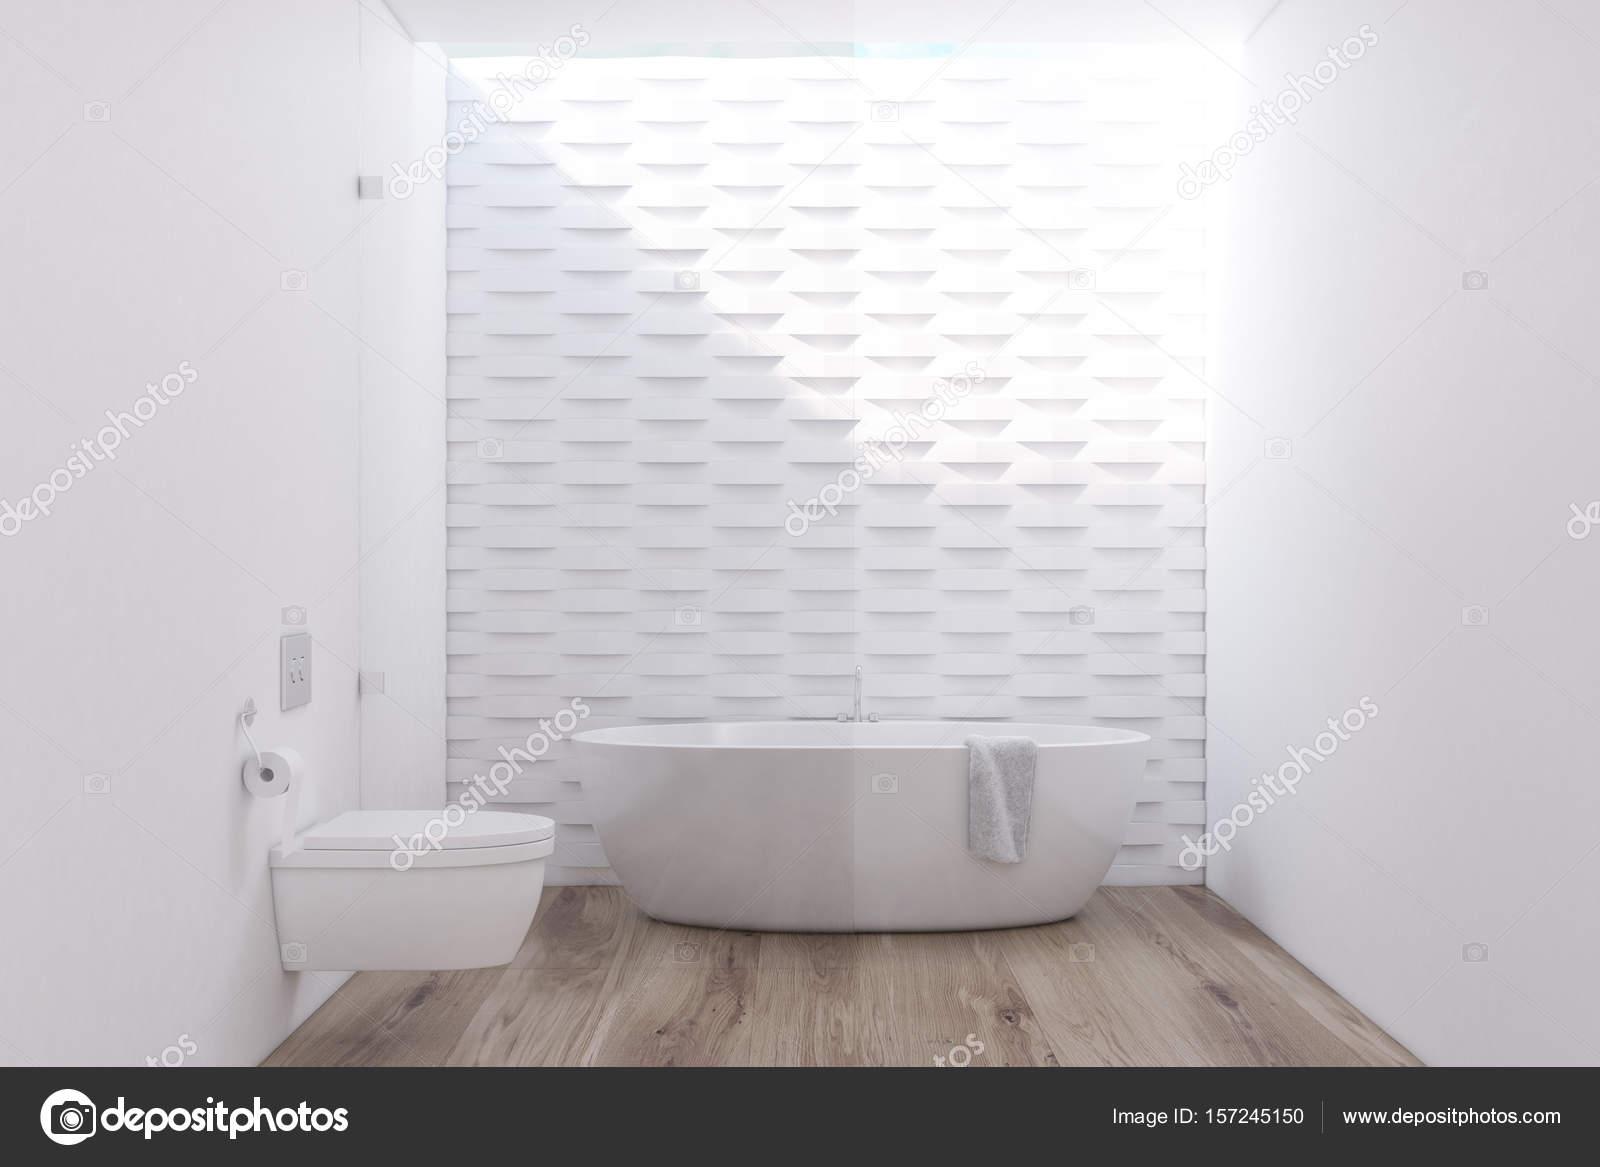 Vasca Da Bagno Rotonda : Vasca da bagno rotonda con servizi igienici u2014 foto stock